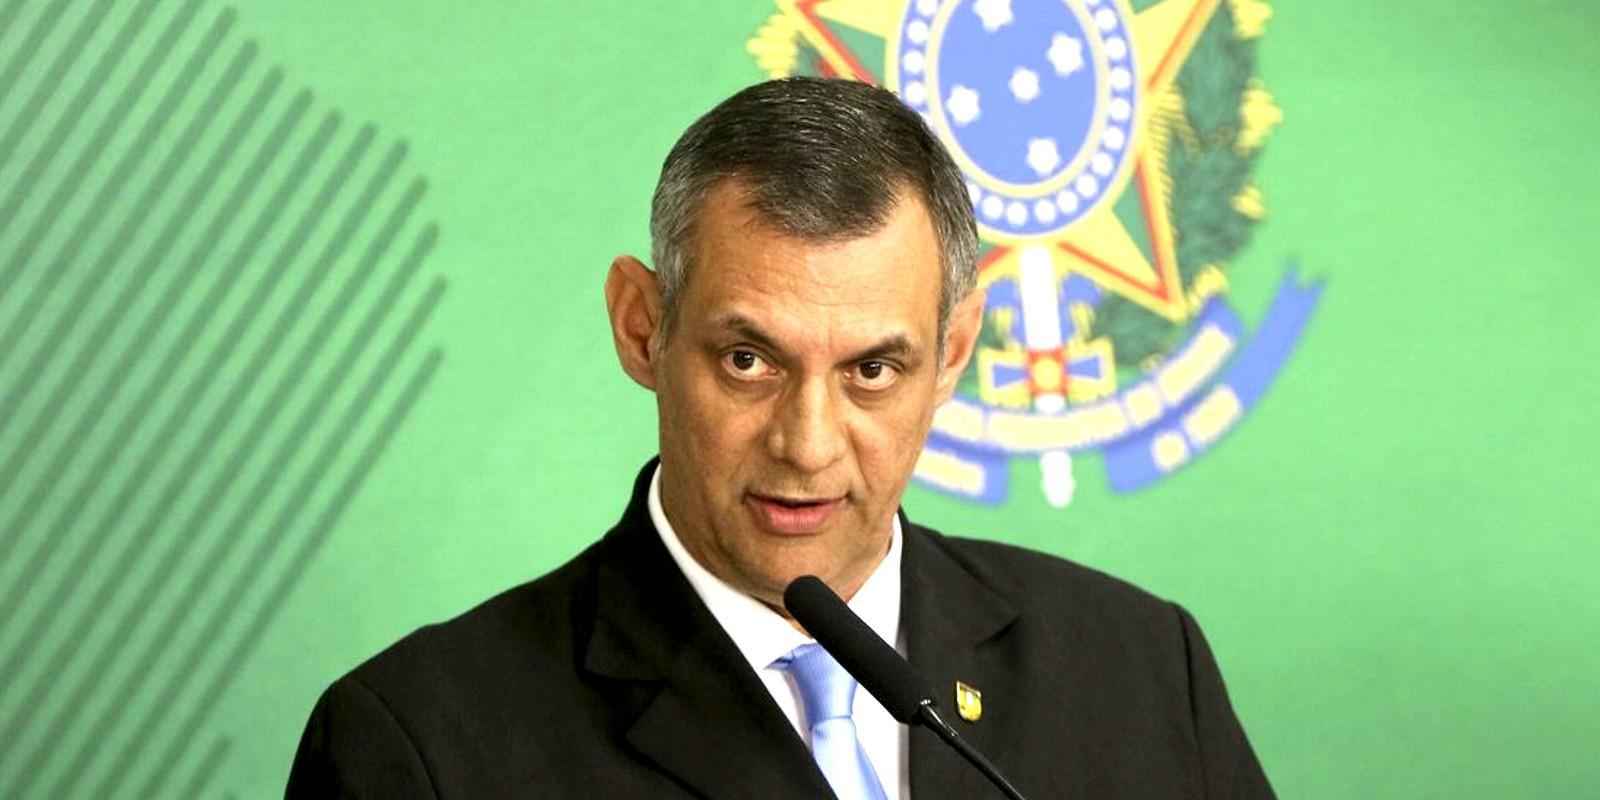 Planalto: condições diferenciadas para policiais estão em estudo